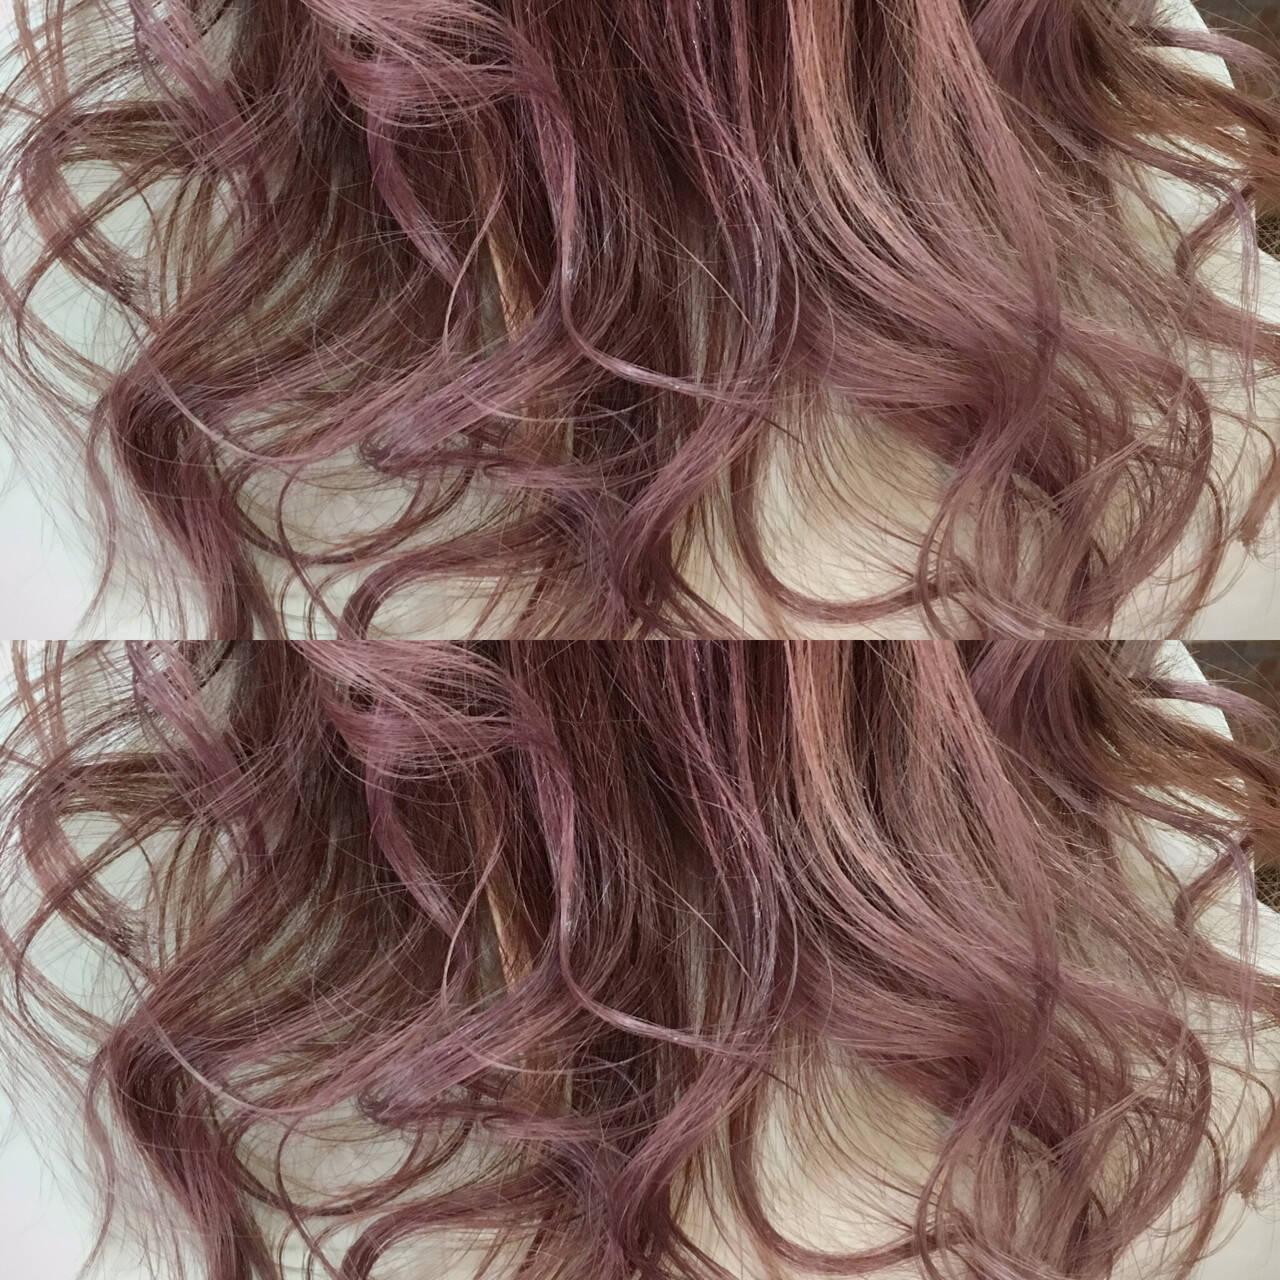 ロング ピンク ハイライト モードヘアスタイルや髪型の写真・画像